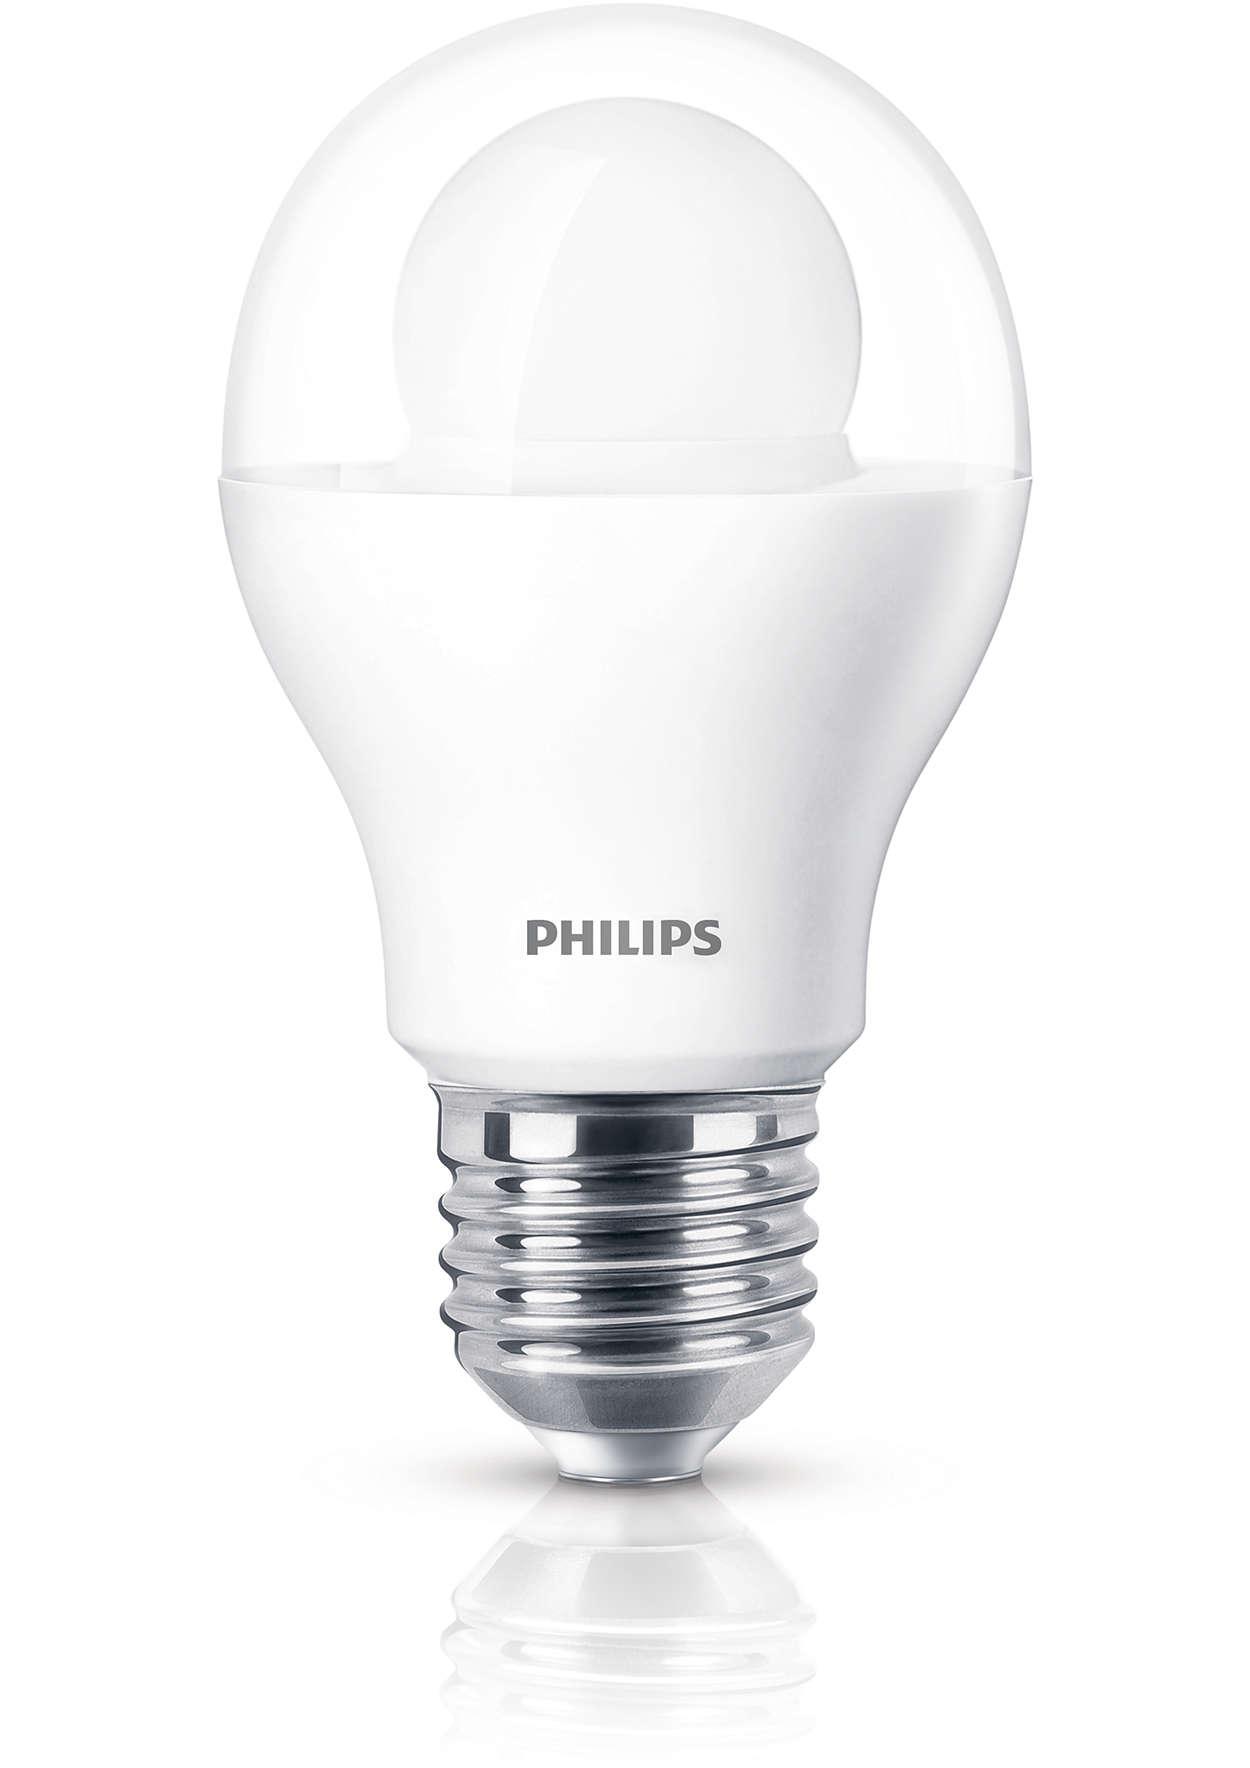 Teplé bílé světlo a světelná kvalita bez kompromisů